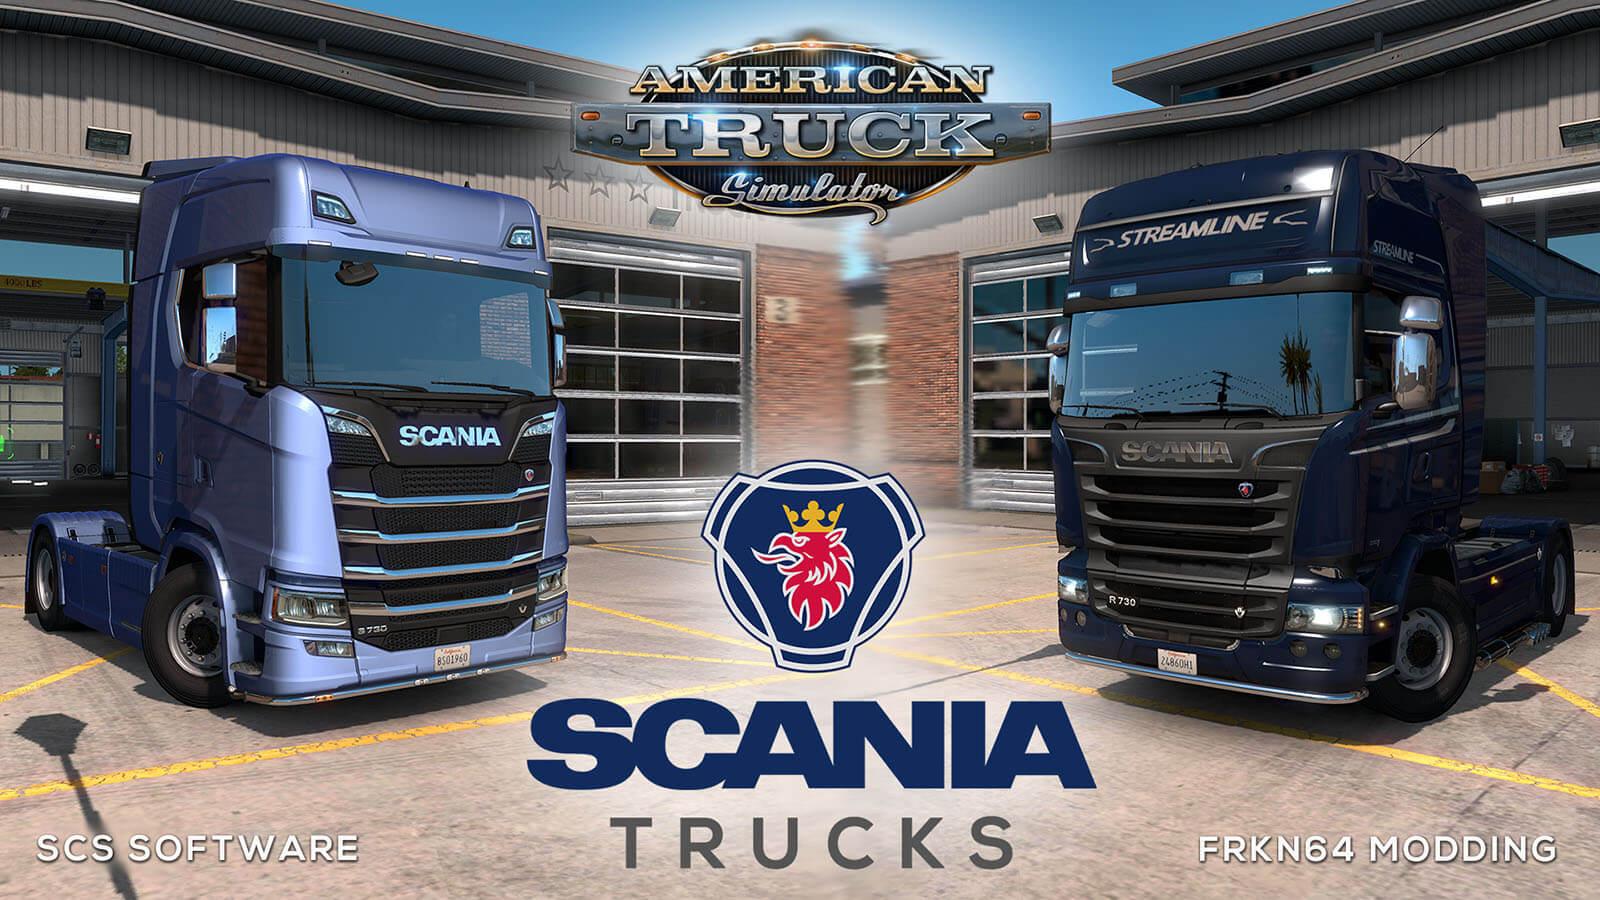 scania | American Truck Simulator mods